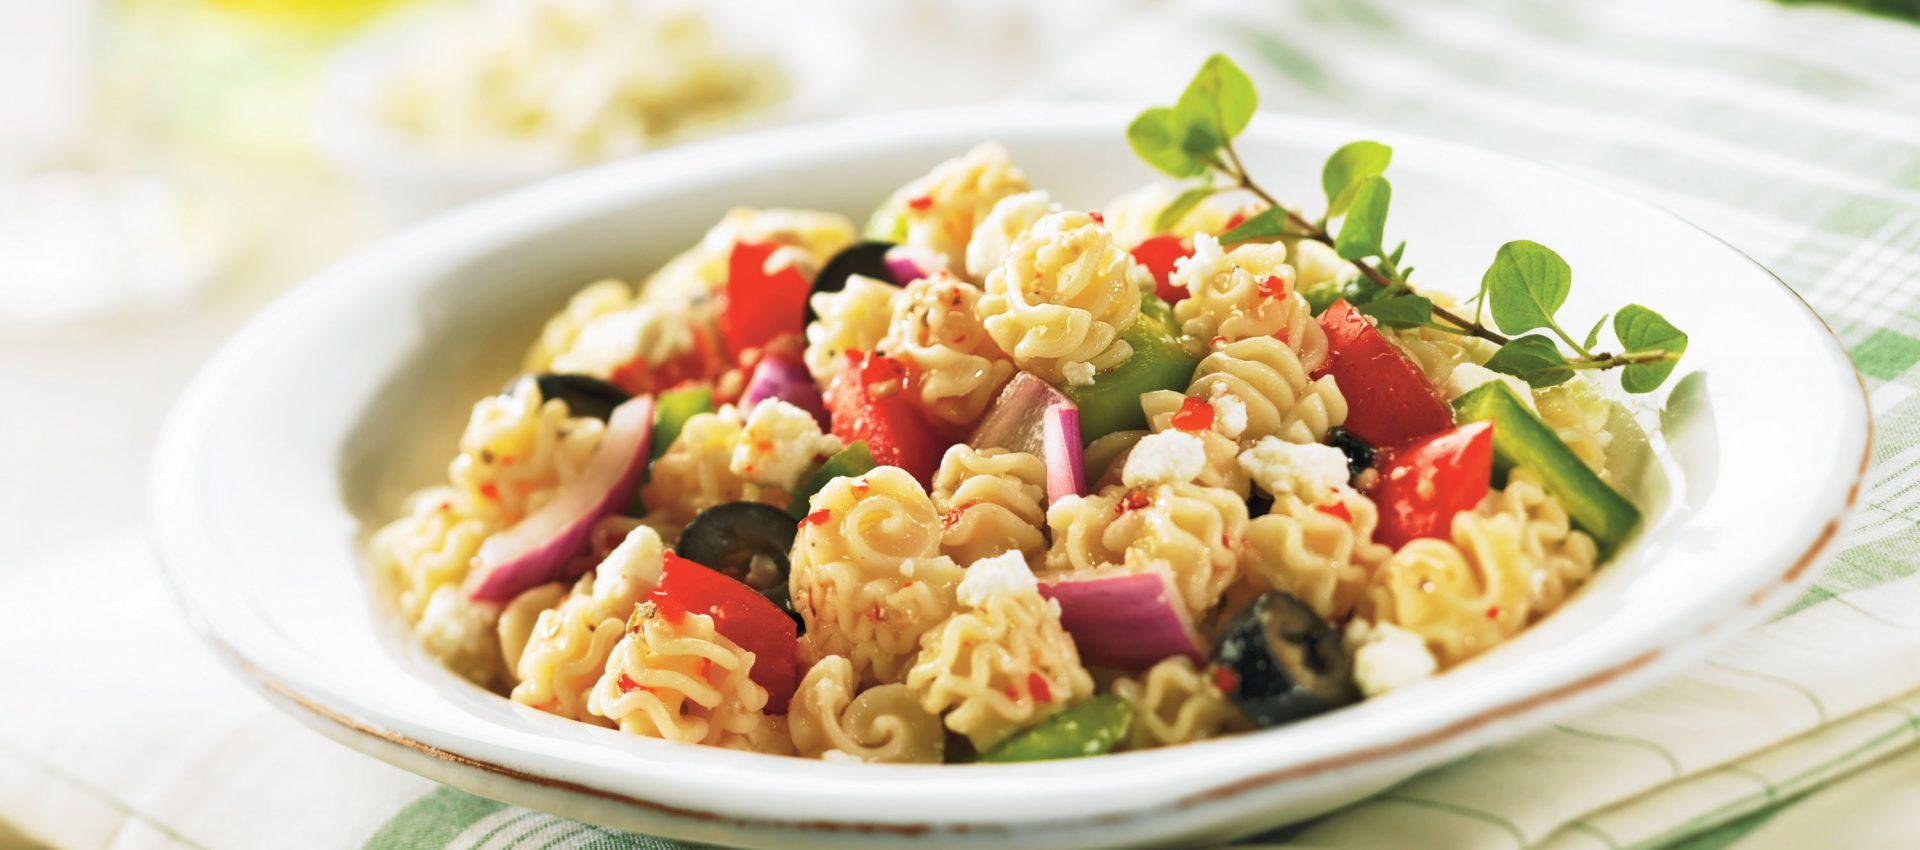 Radiatore-Greek-Pasta-Salad-1920x850 Greek Pasta Salad